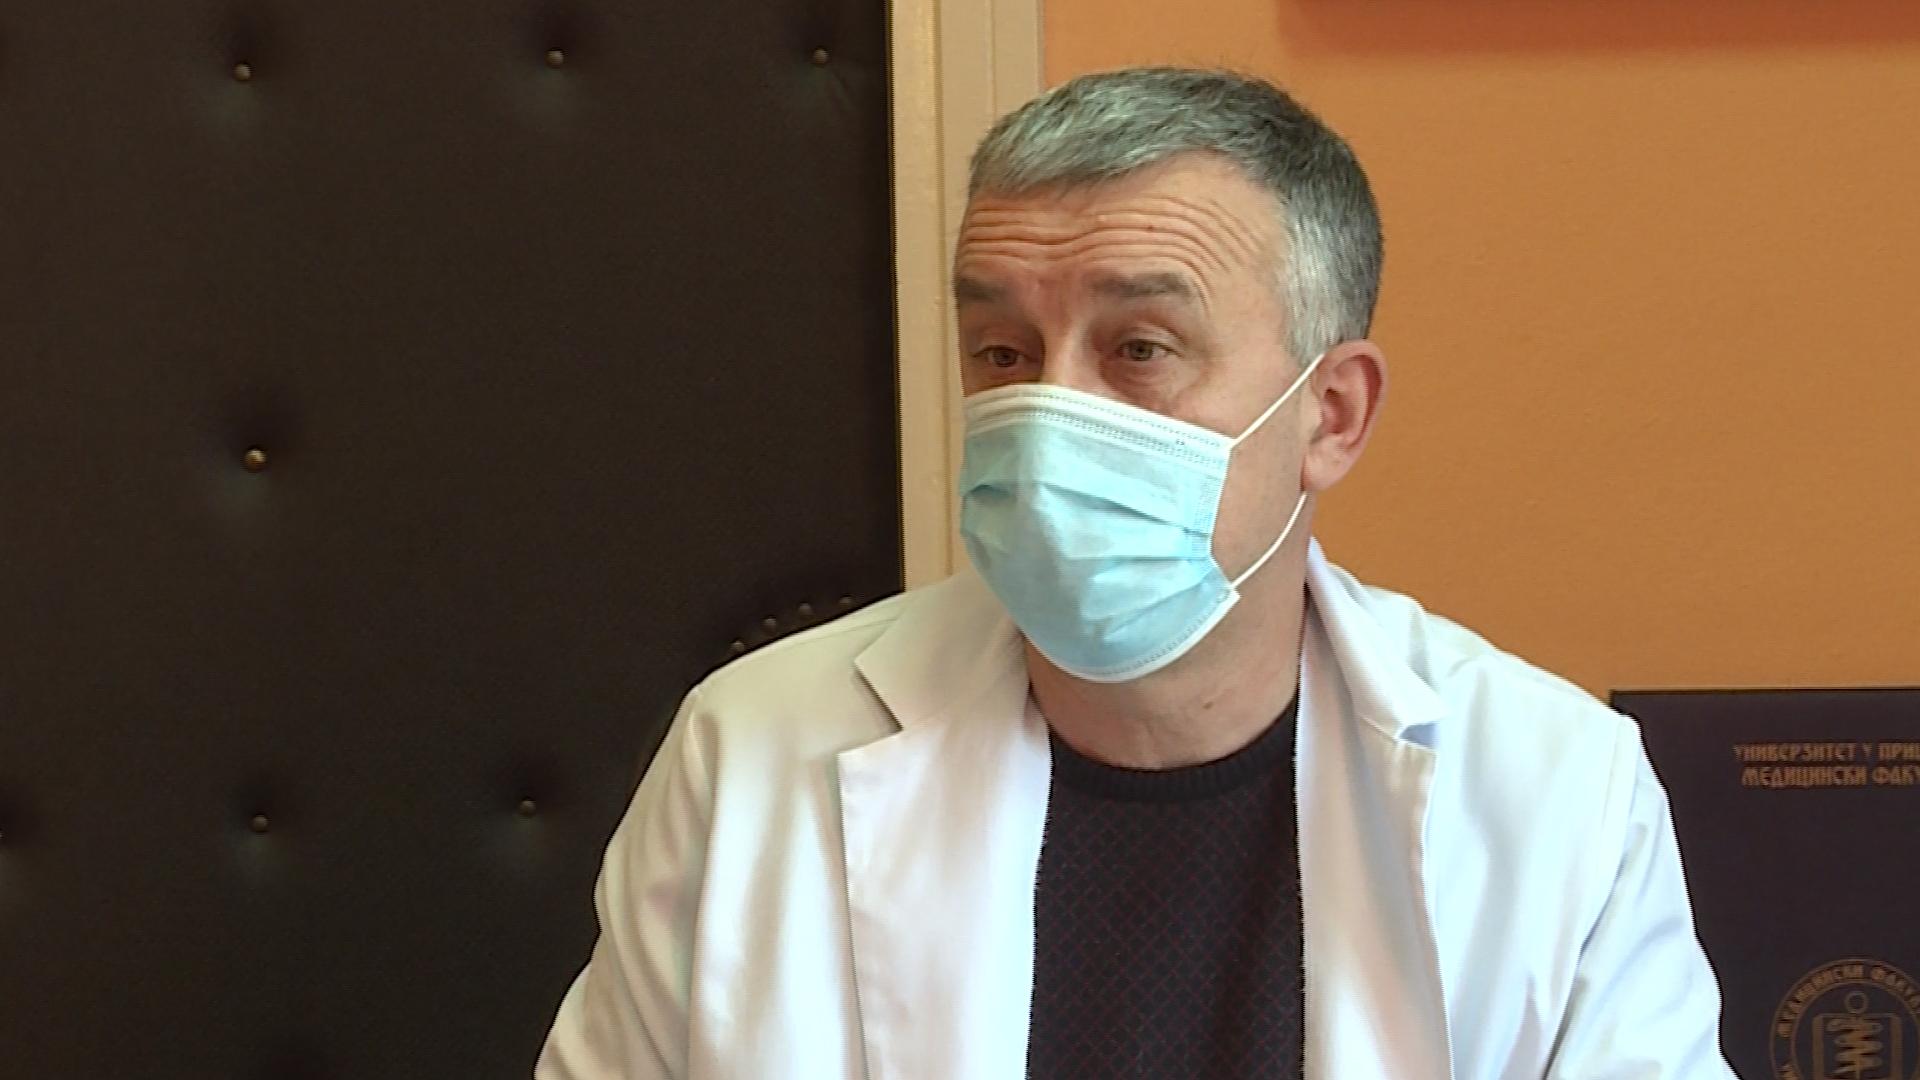 dr-elek-epidemioloska-situacija-na-severu-kosova-nepovoljna-krajnji-momenat-za-vakcinaciju